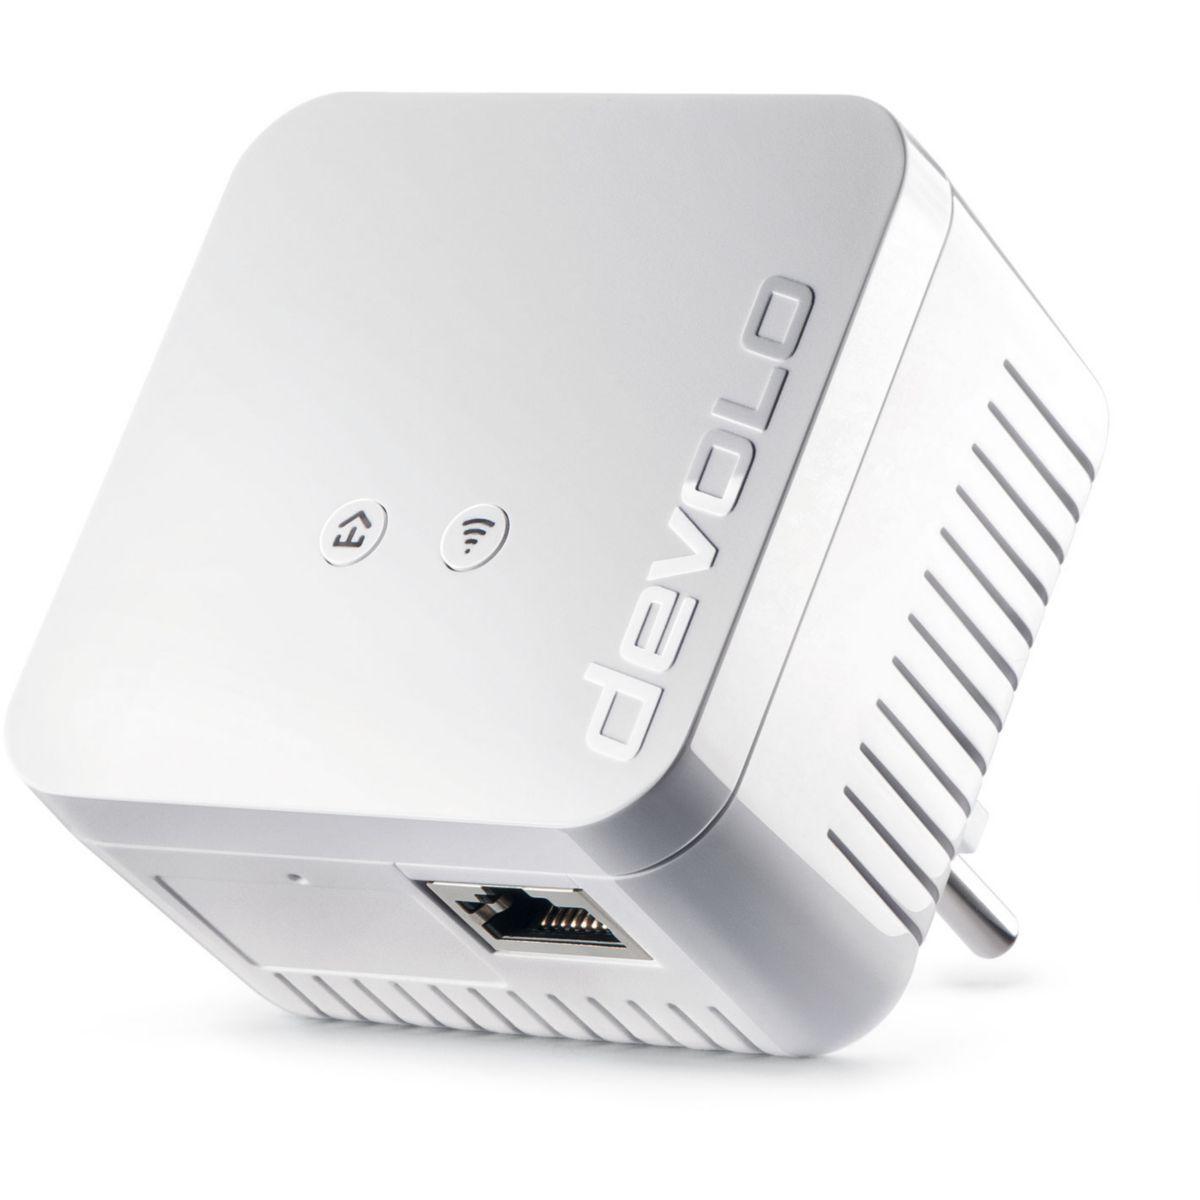 Cpl solo devolo dlan 550 wifi - livraison offerte : code liv